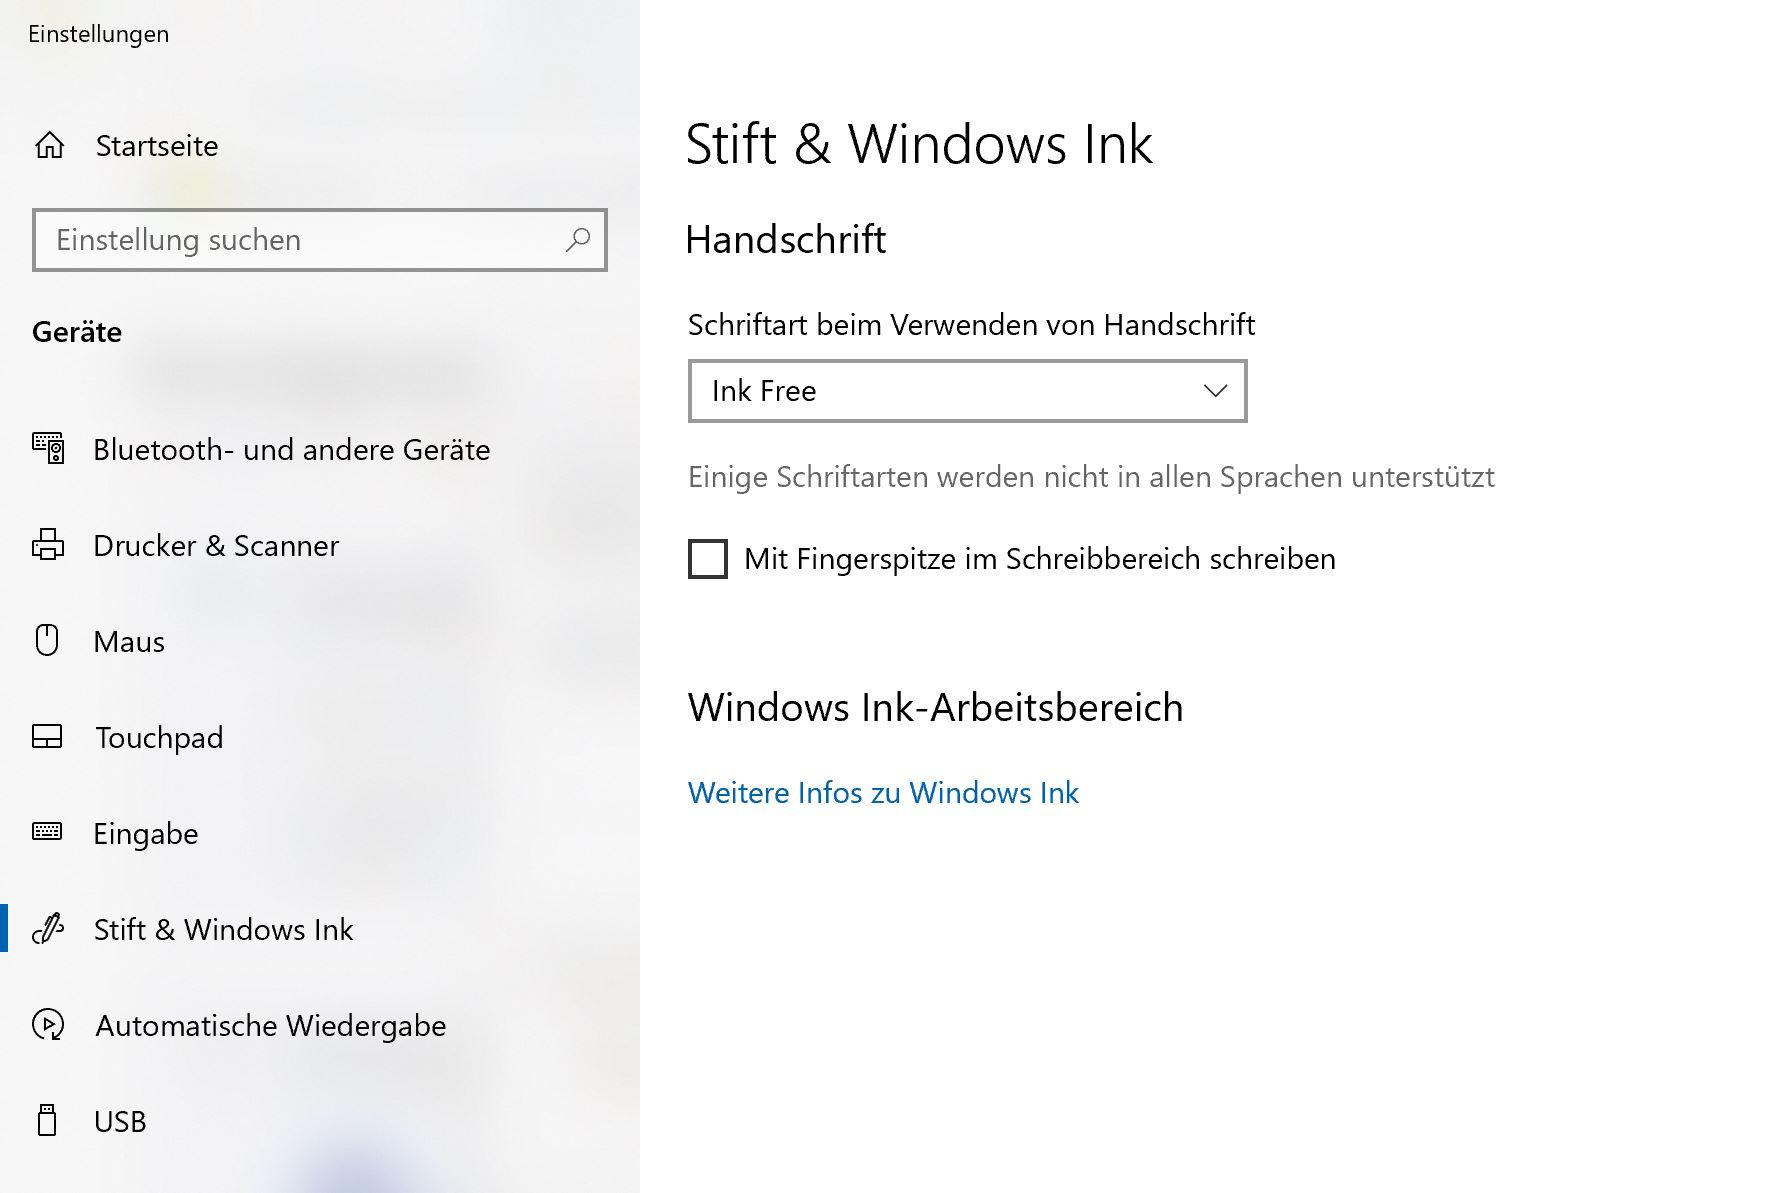 Stift & Windows Ink Einstellungen werden mir nicht korrekt angezeigt / Surface Pen...